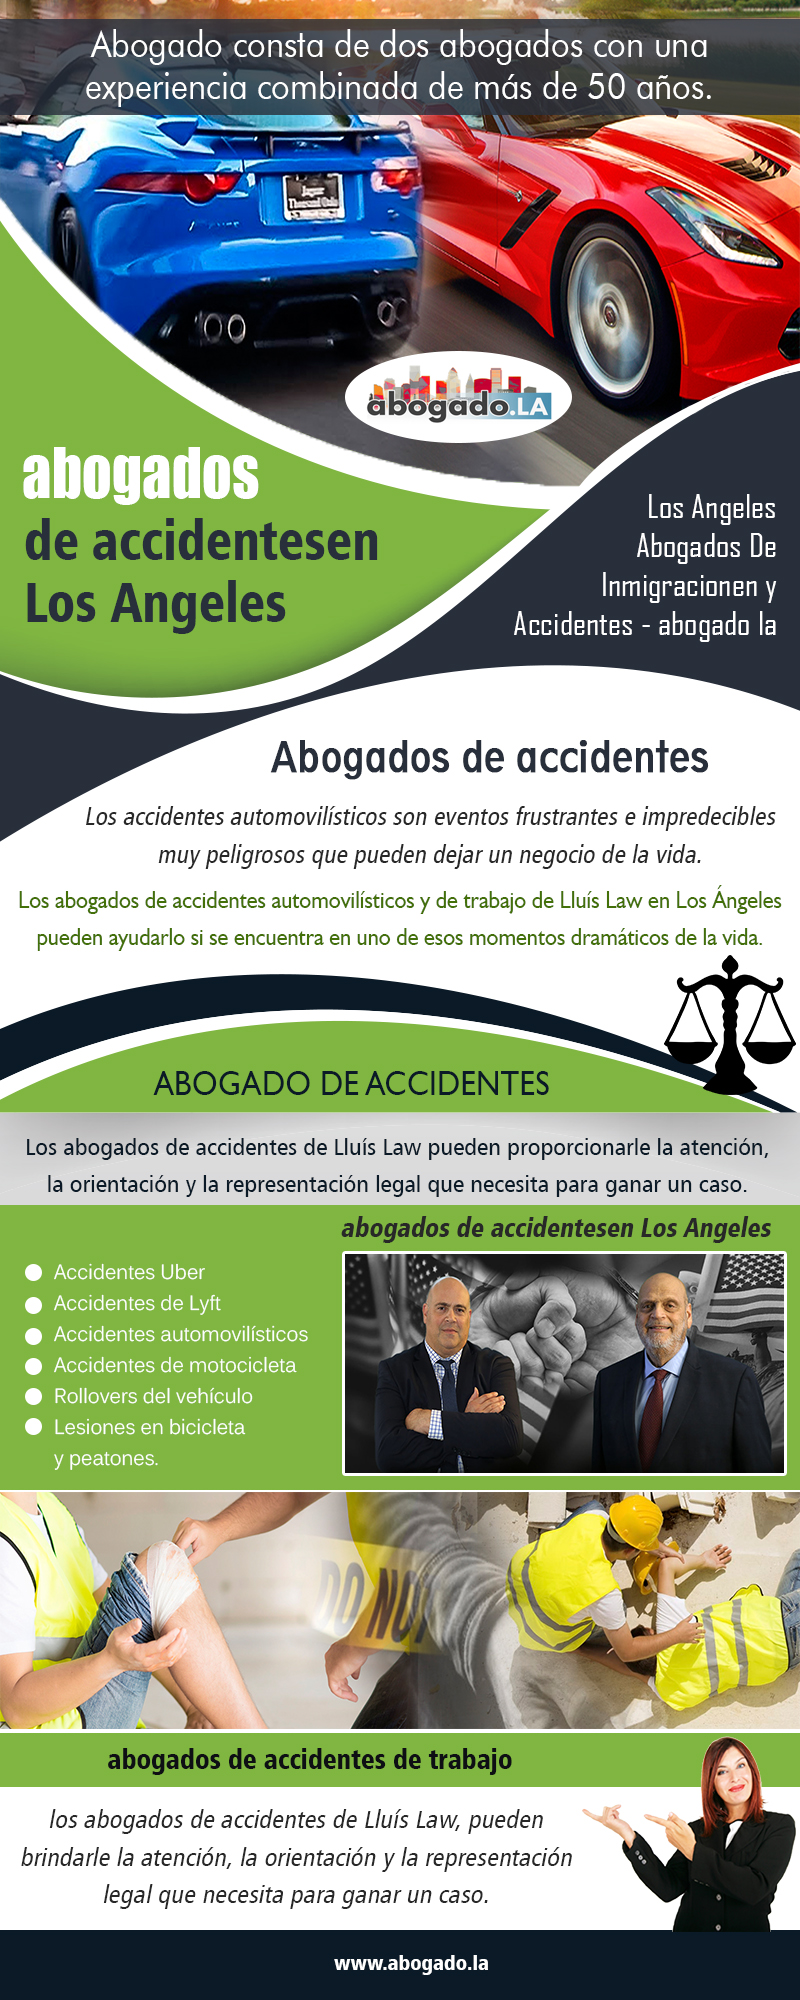 Abogados De Accidentesen Los Angeles | Call – 213-320-0777 | abogado.la